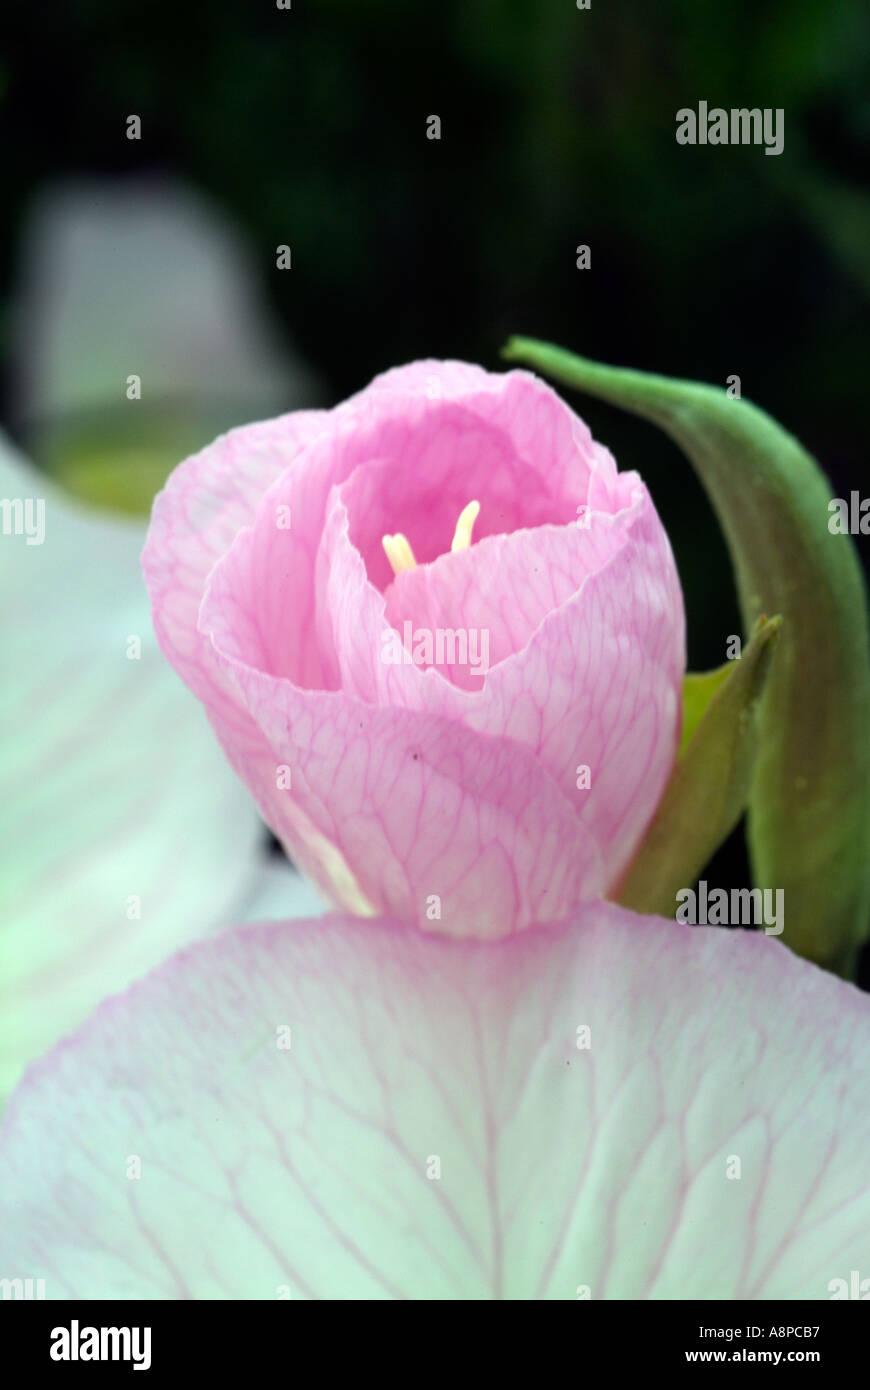 Pink primrose flowers blooming in texas stock photo 2256054 alamy pink primrose flowers blooming in texas mightylinksfo